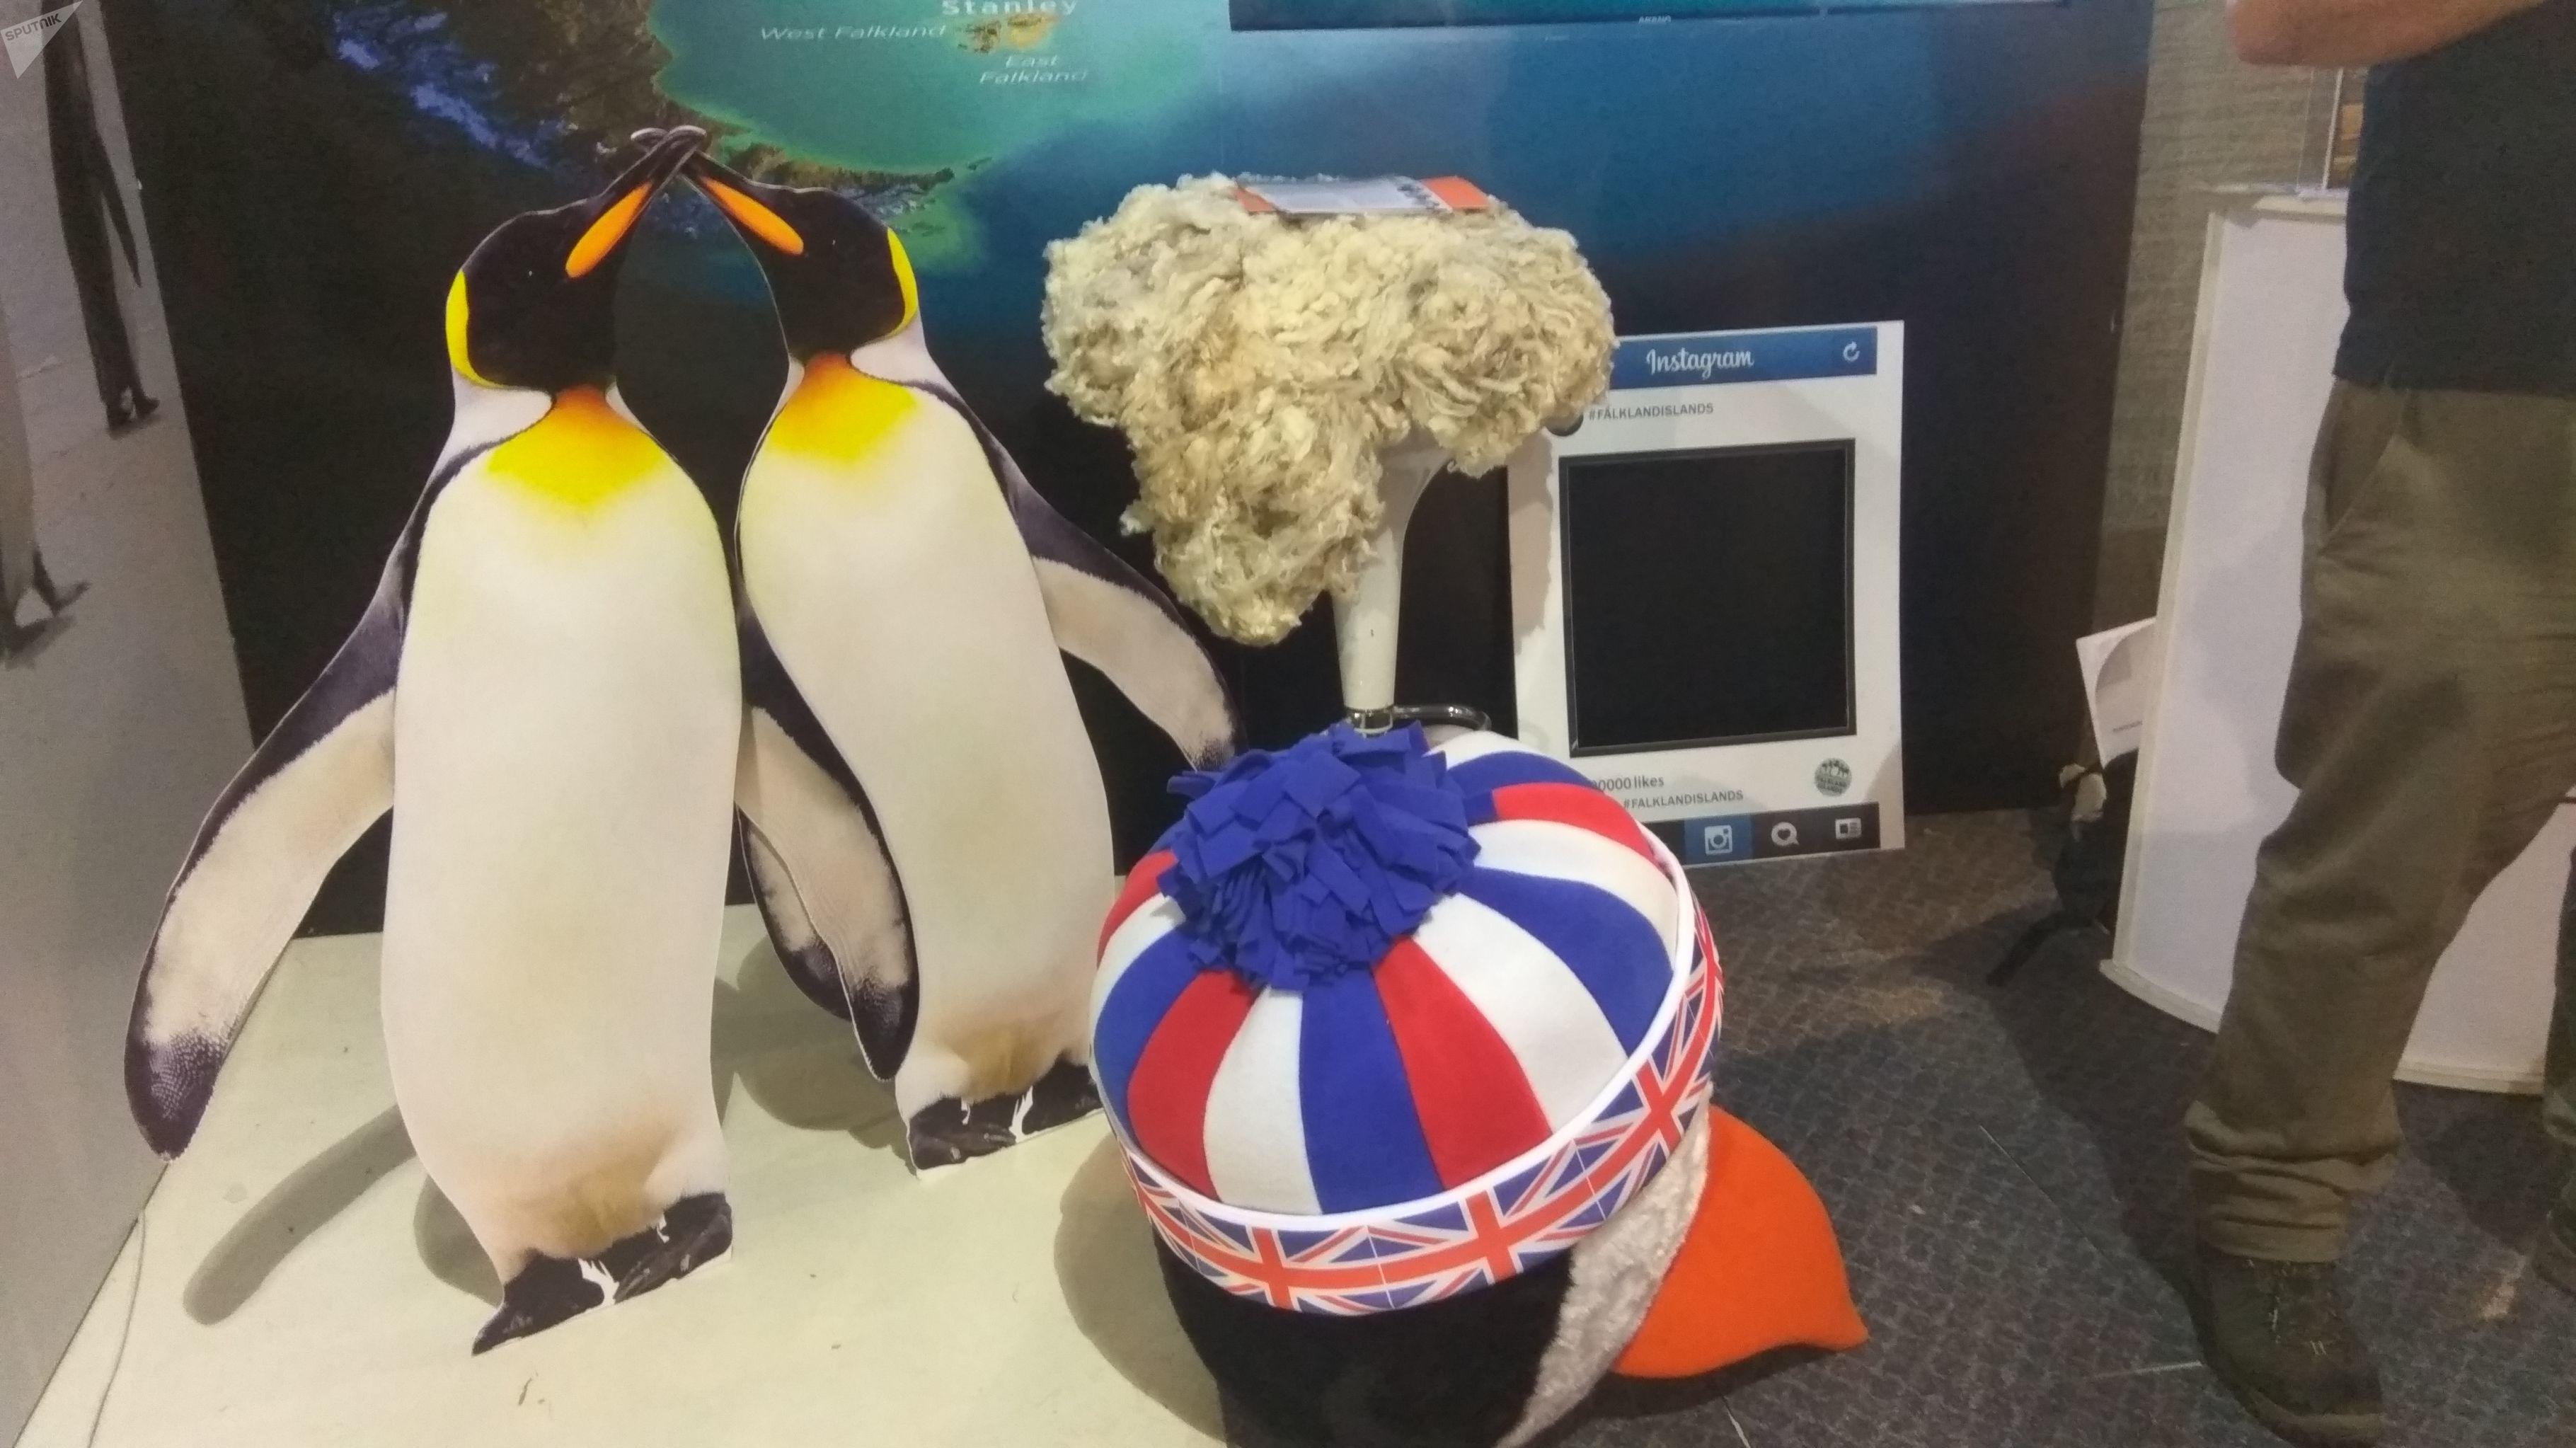 Pingüinos en el stand de las Islas Falkland en la Expoprado 2019 de Montevideo, Uruguay